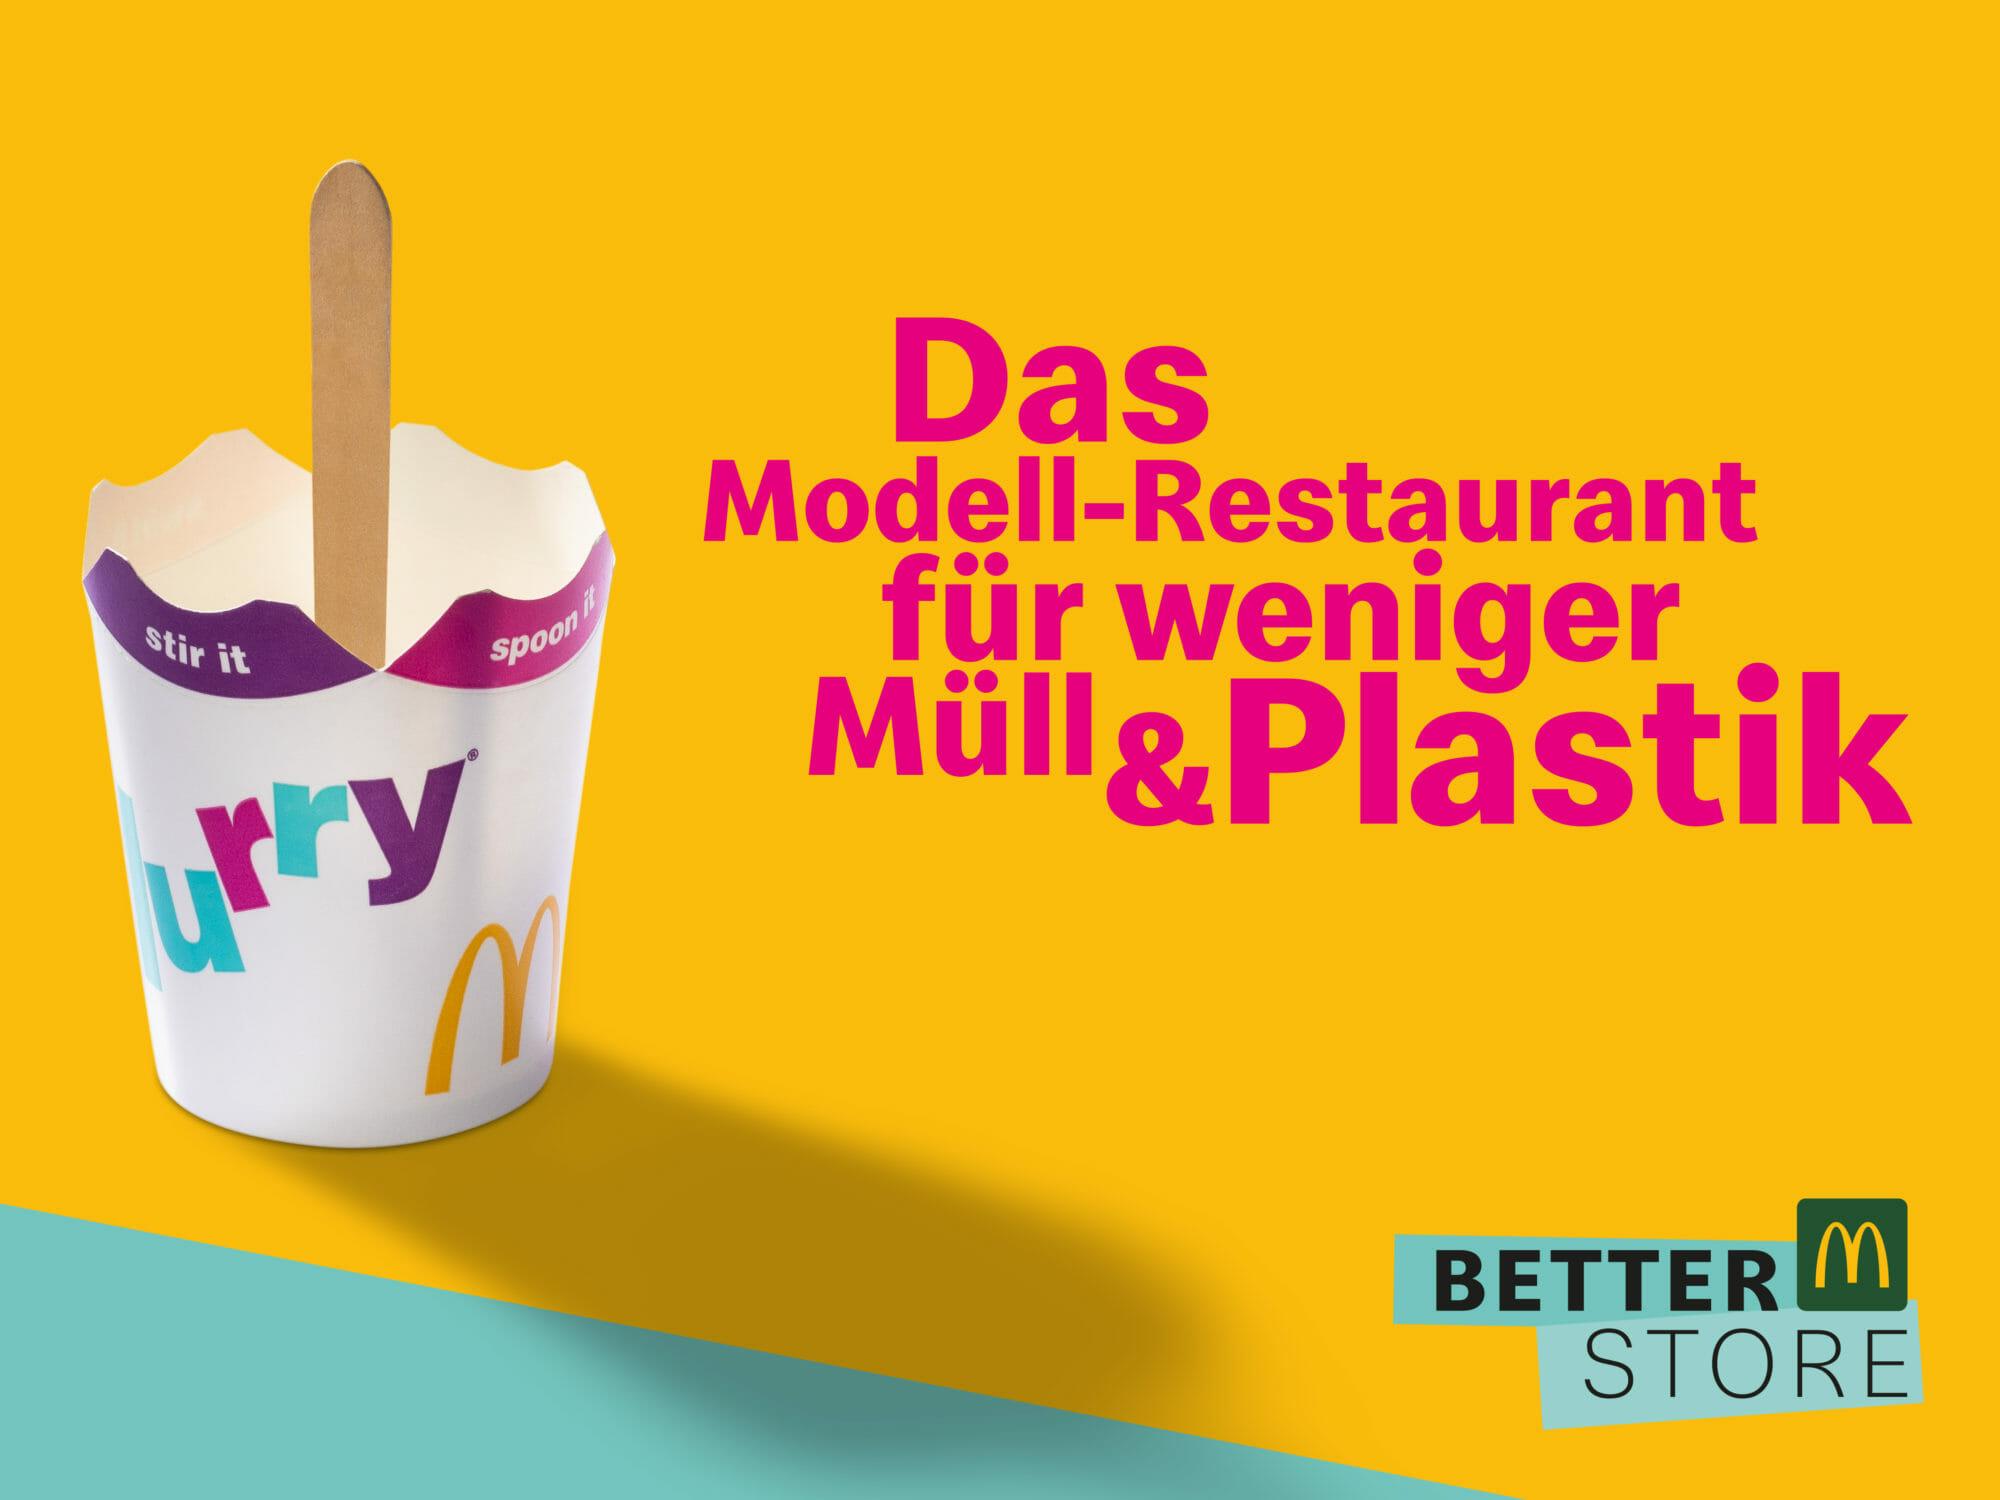 McDonald's Deutschland: Das ist der